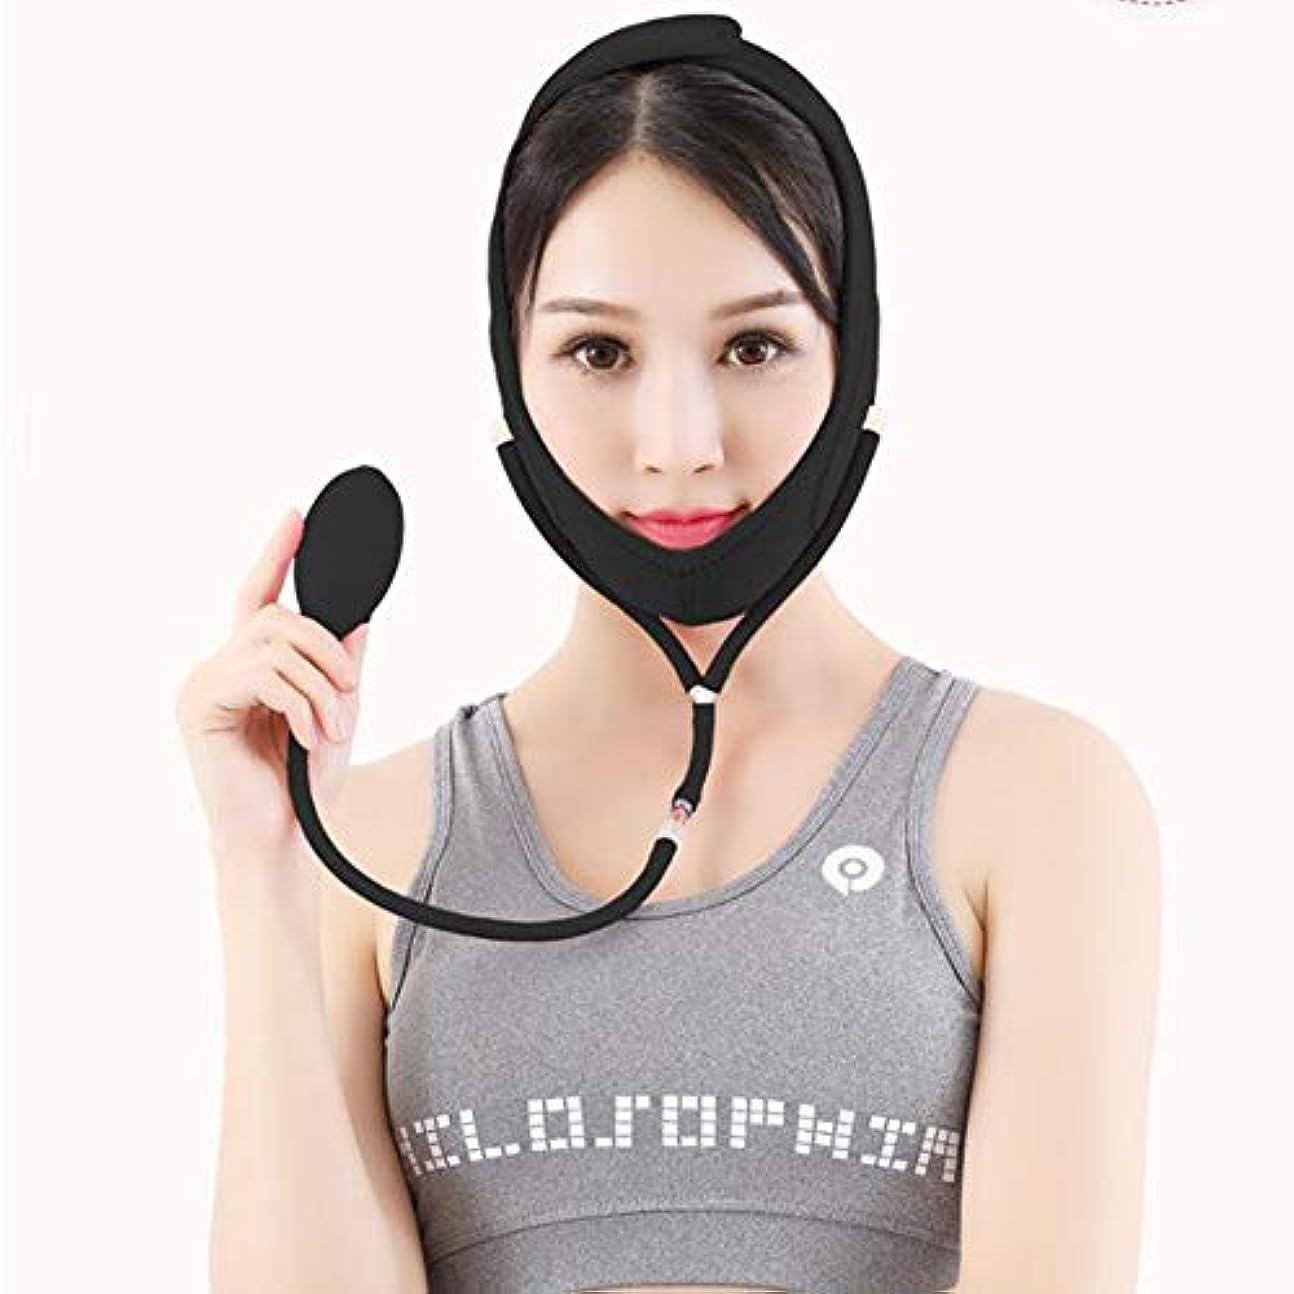 レビュアー誰が思いやりのある飛強強 フェイシャルリフティング痩身ベルトダブルエアバッグ圧力調整フェイス包帯マスク整形マスクが顔を引き締める スリムフィット美容ツール (Color : Black, Size : M)